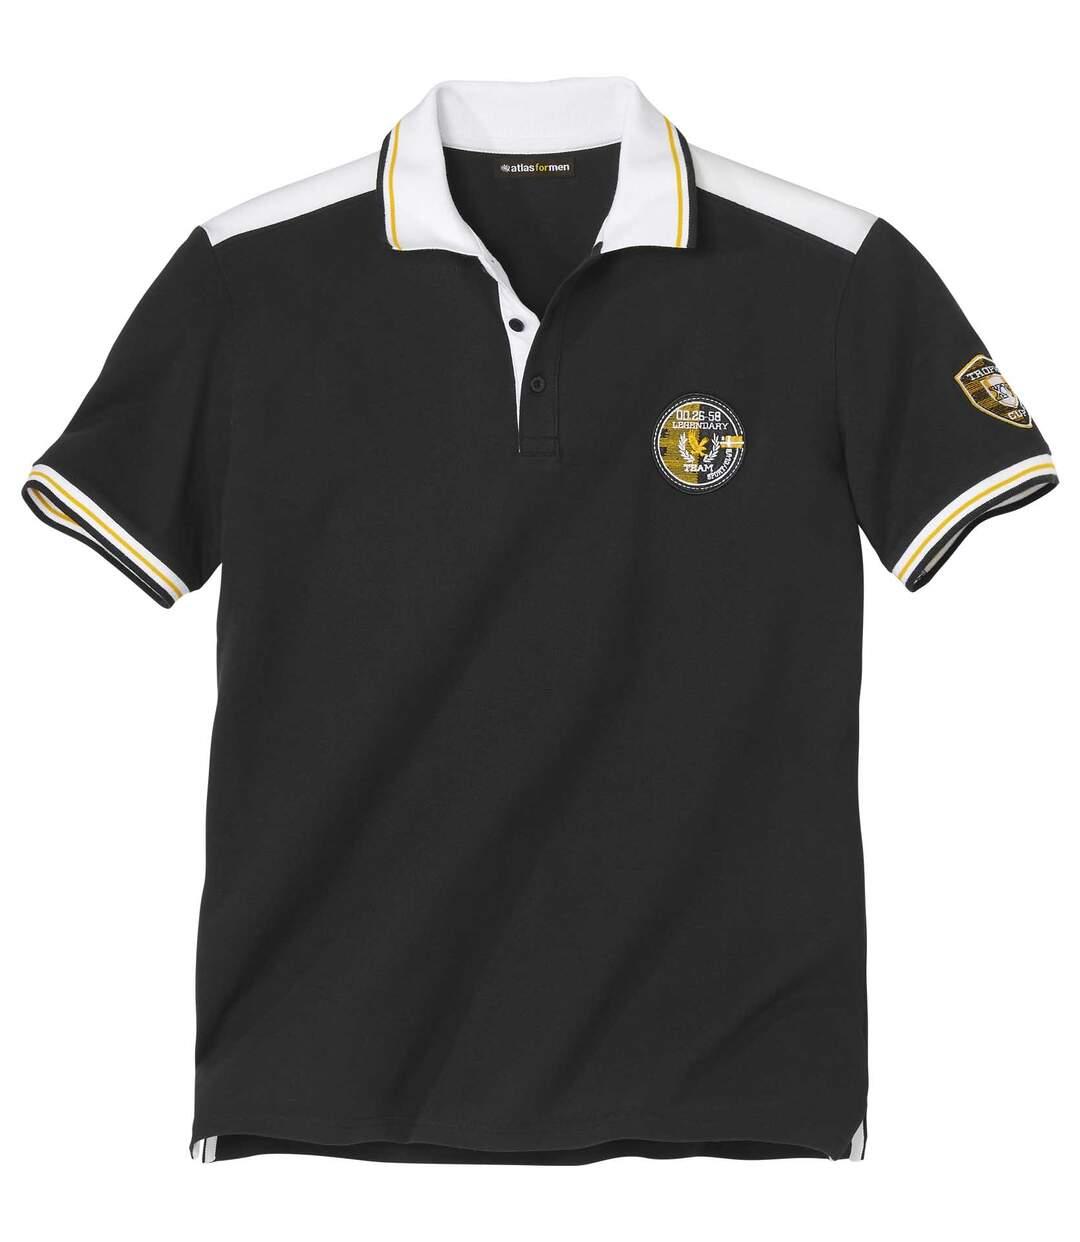 Poloshirt Legendary Team Atlas For Men